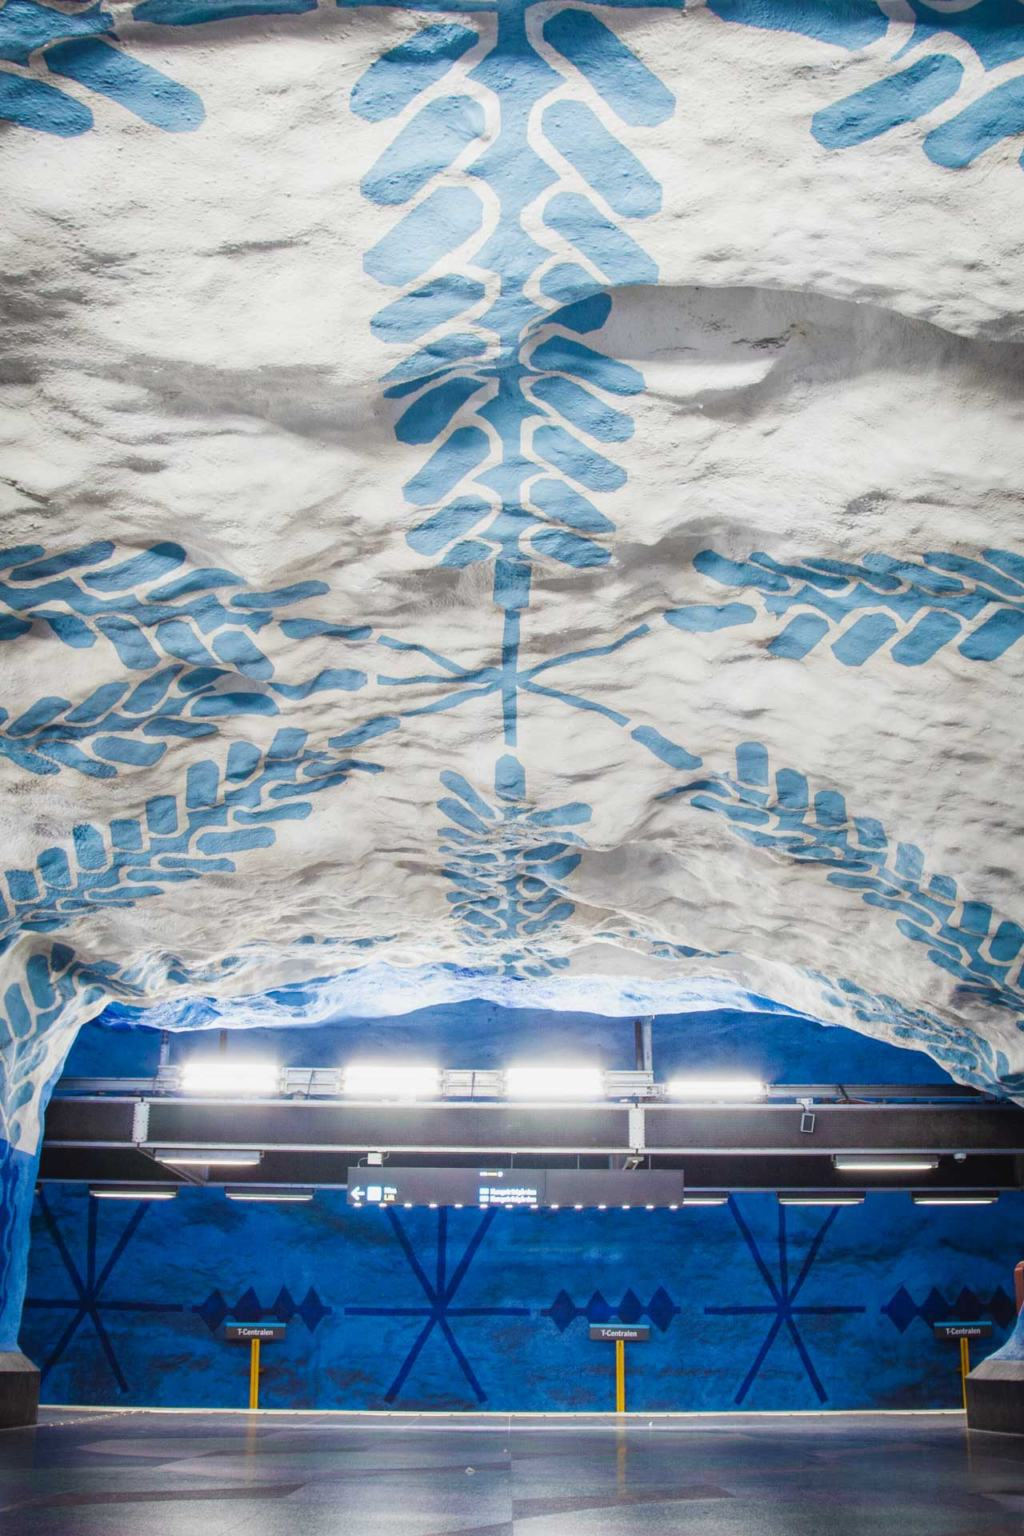 Stockholm Metro Art, T-bana, T-Centralen station